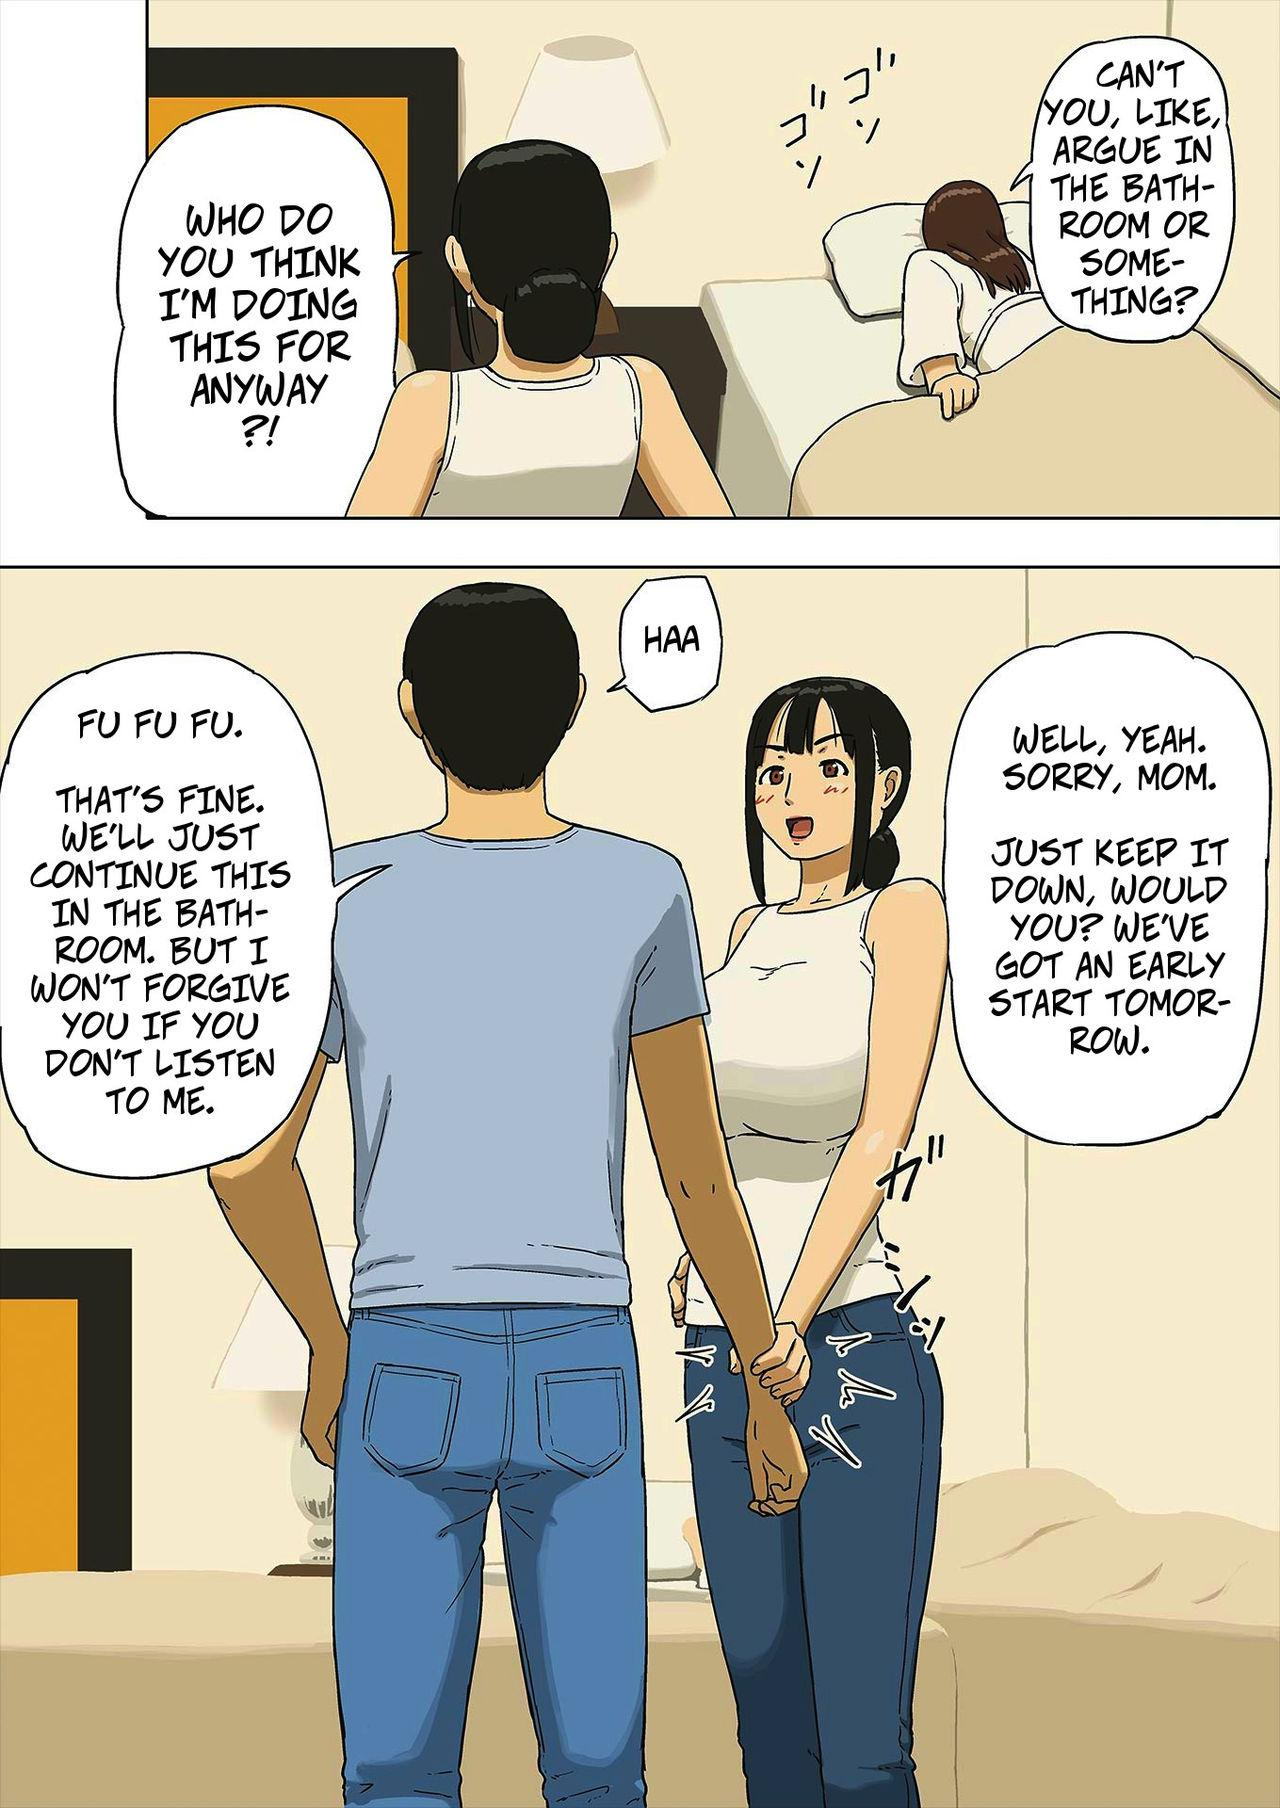 Share 2 Kaa-san tte Muriyari Saretari Suru no Suki na no? | Share 2: Does Mom Like Using Force? 12